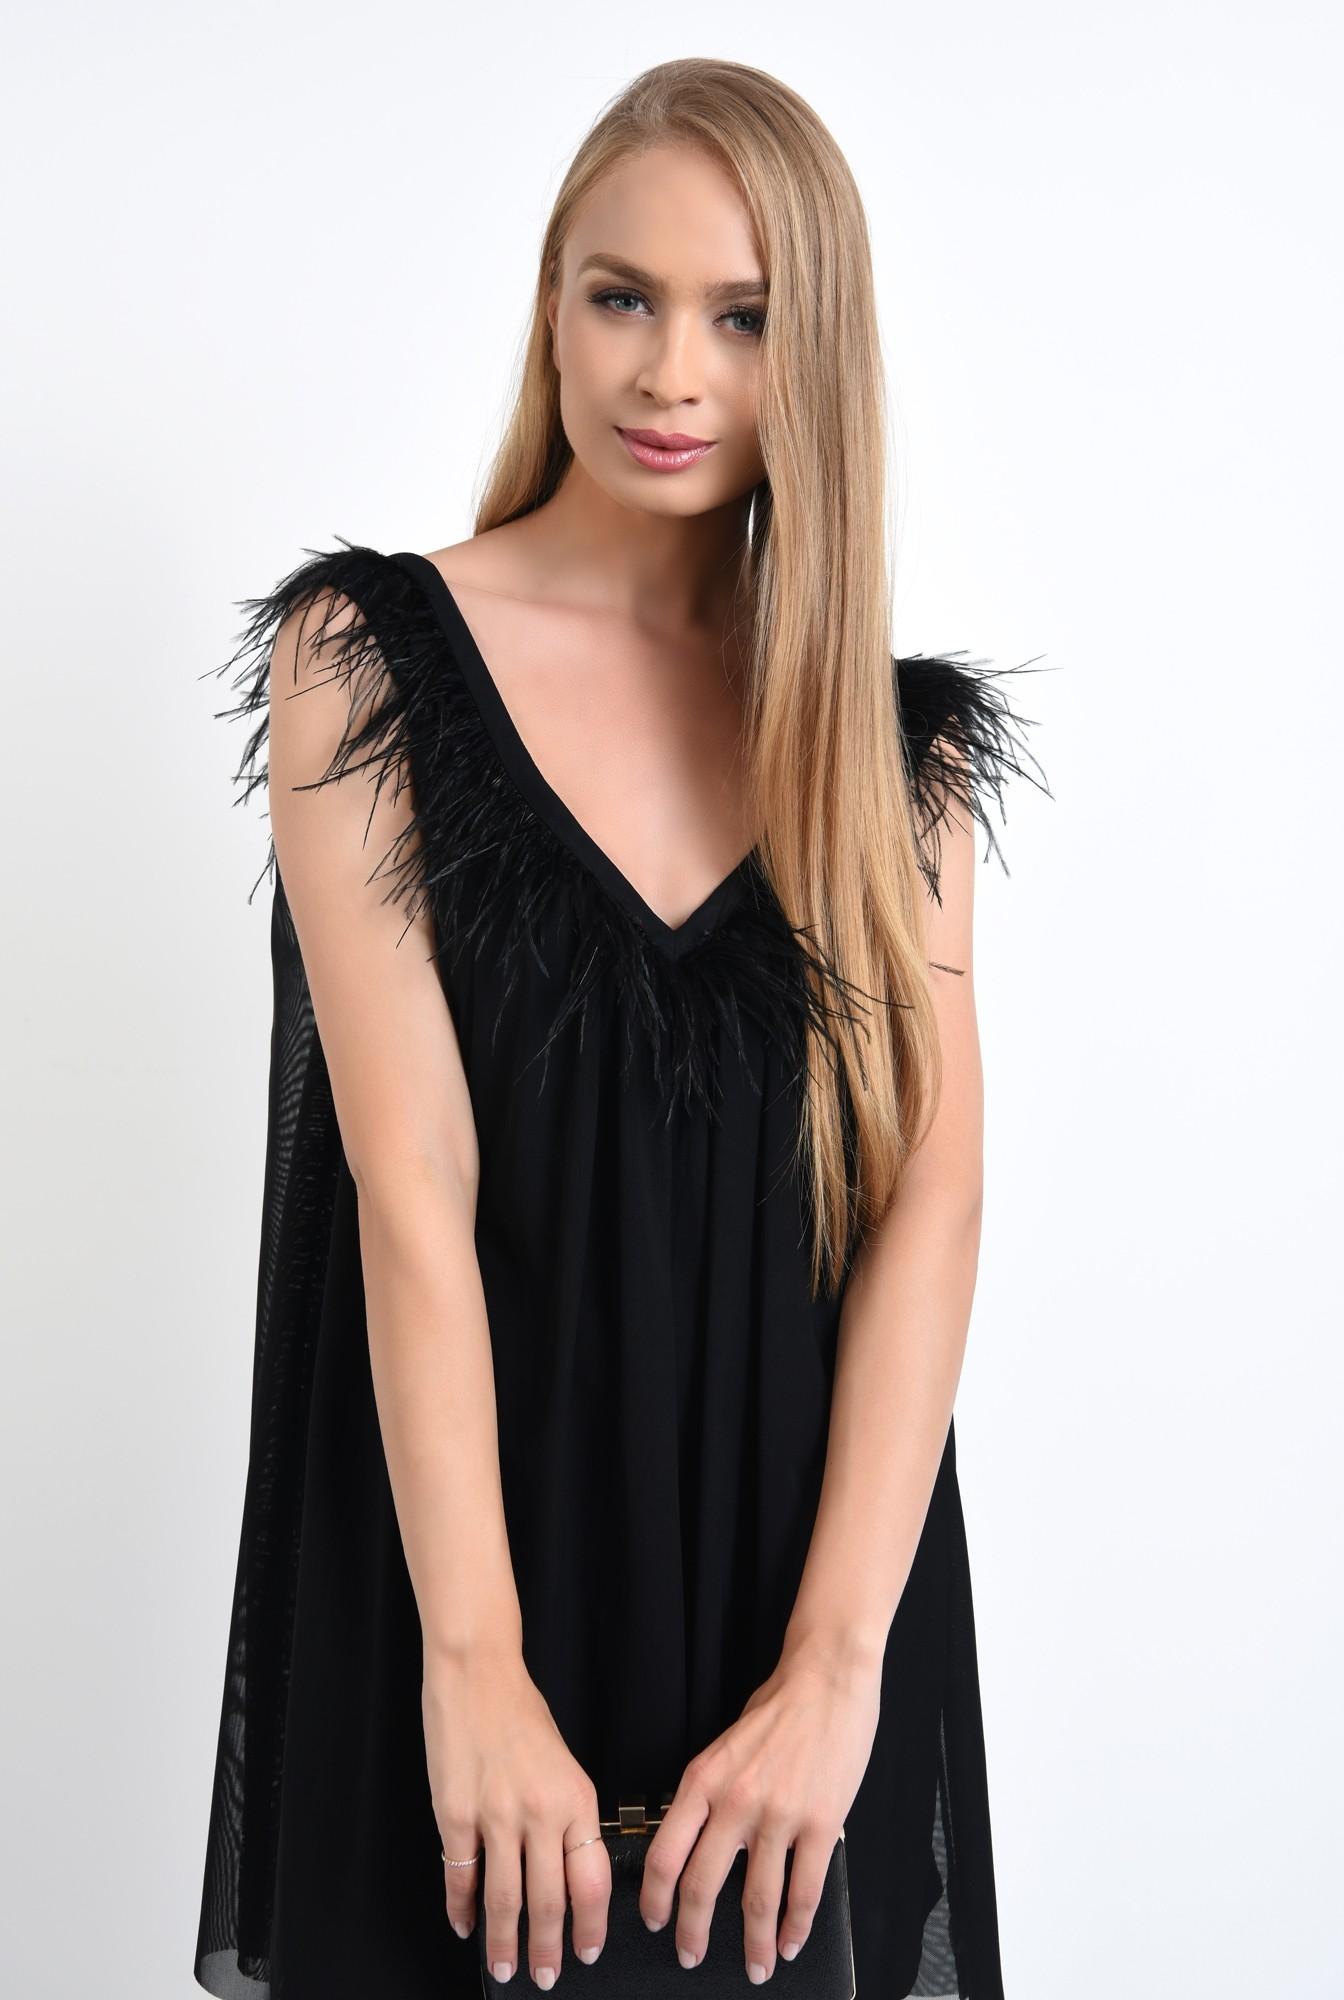 0 - 360 - rochie de seara scurta, tul negru, decolteu cu pene